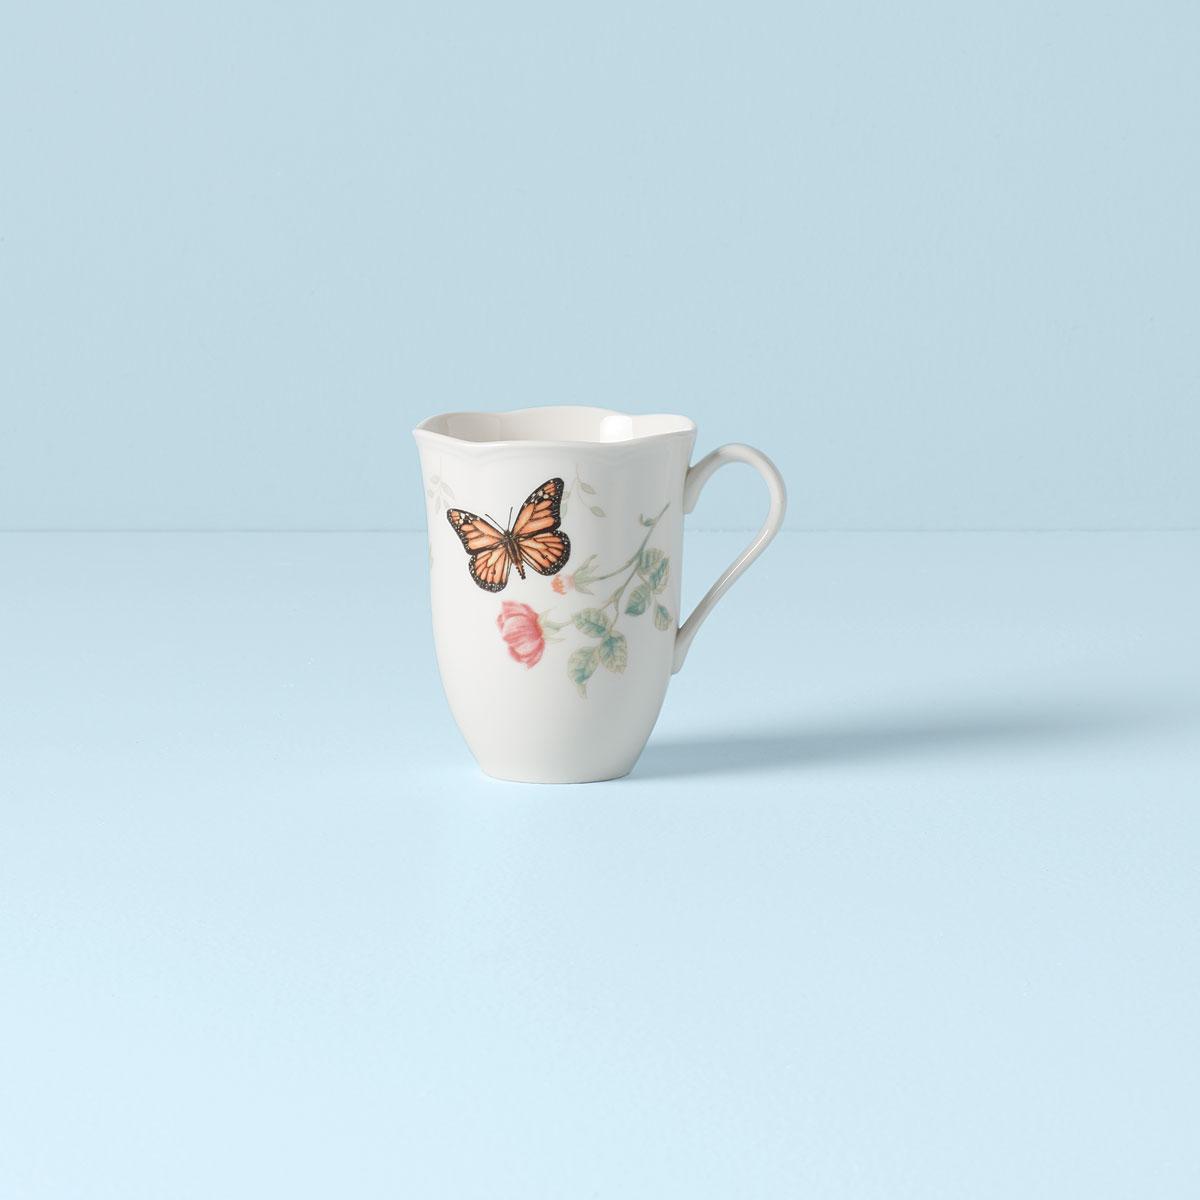 Lenox Butterfly Meadow Dinnerware Monarch Mug